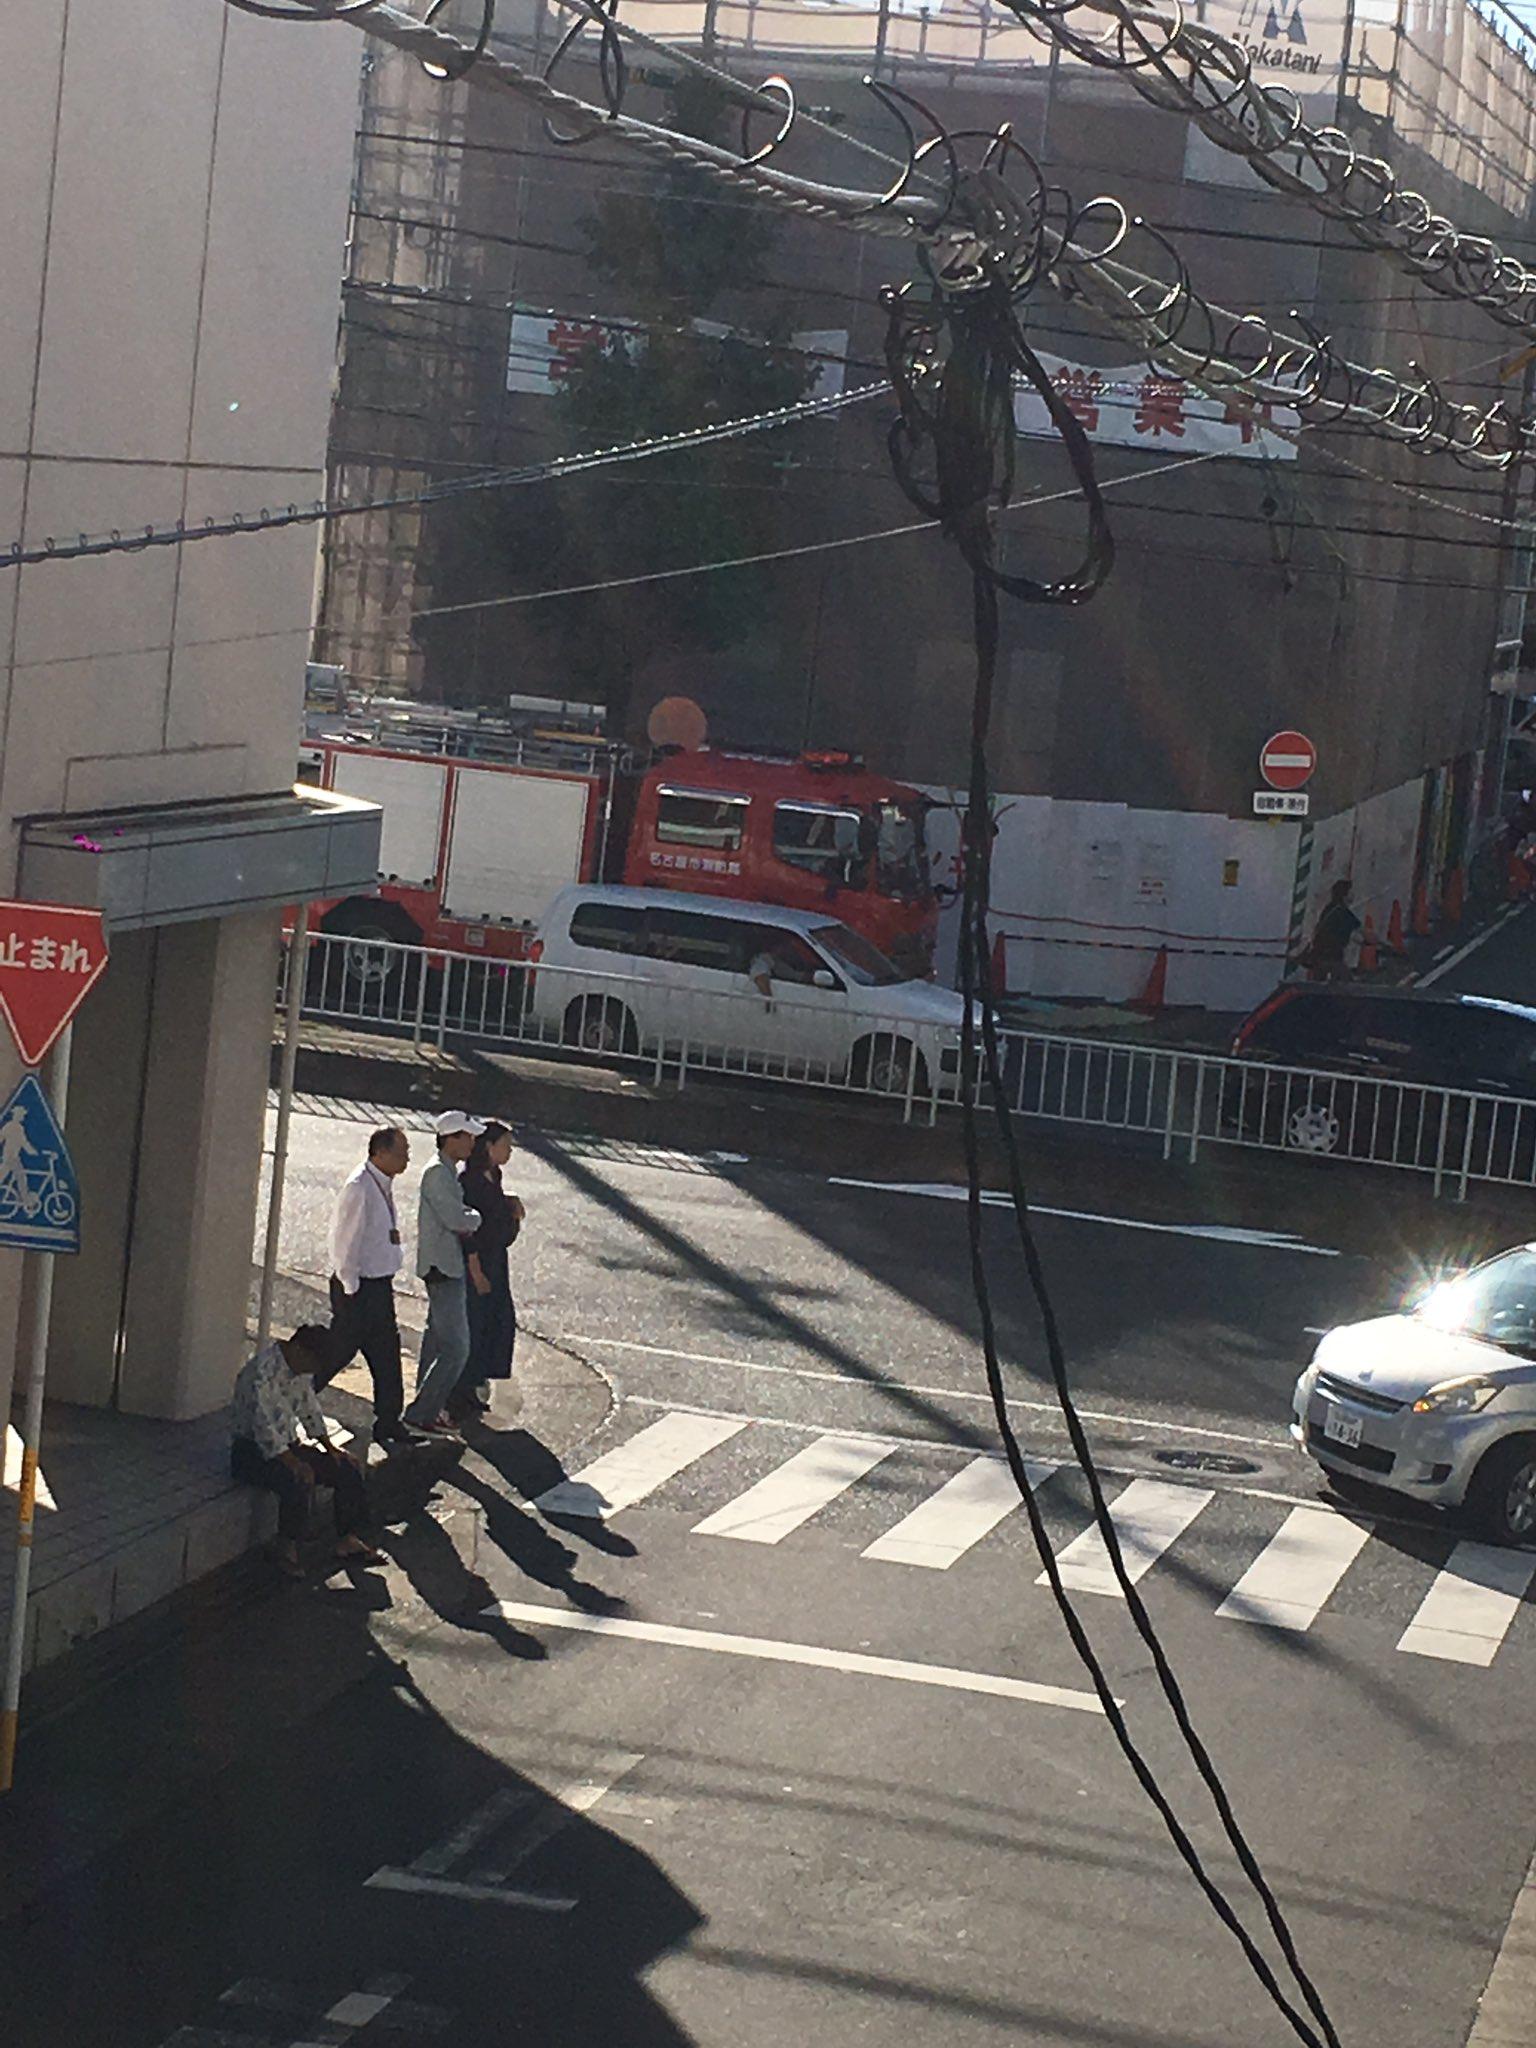 東山線の岩塚駅で発煙があり消防車が到着している現場の画像